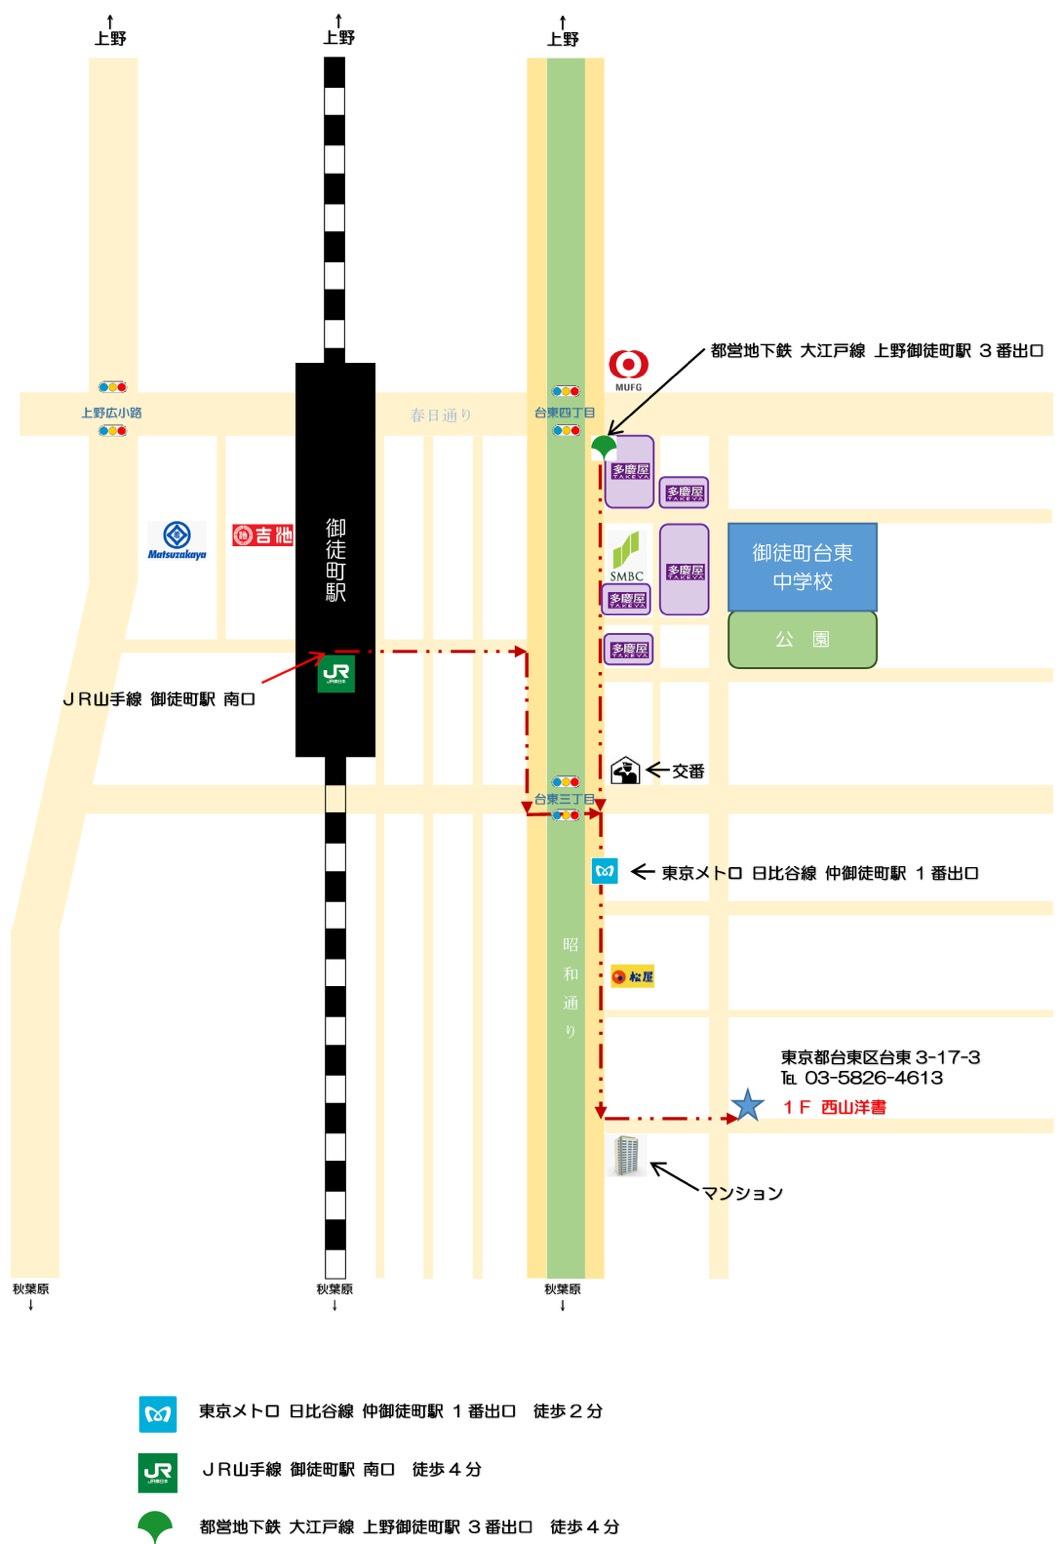 西 山 洋 書 航空機・鉄道・自動車・船舶・軍事・SF・ファンタジーアート洋書 ... dbb068e950